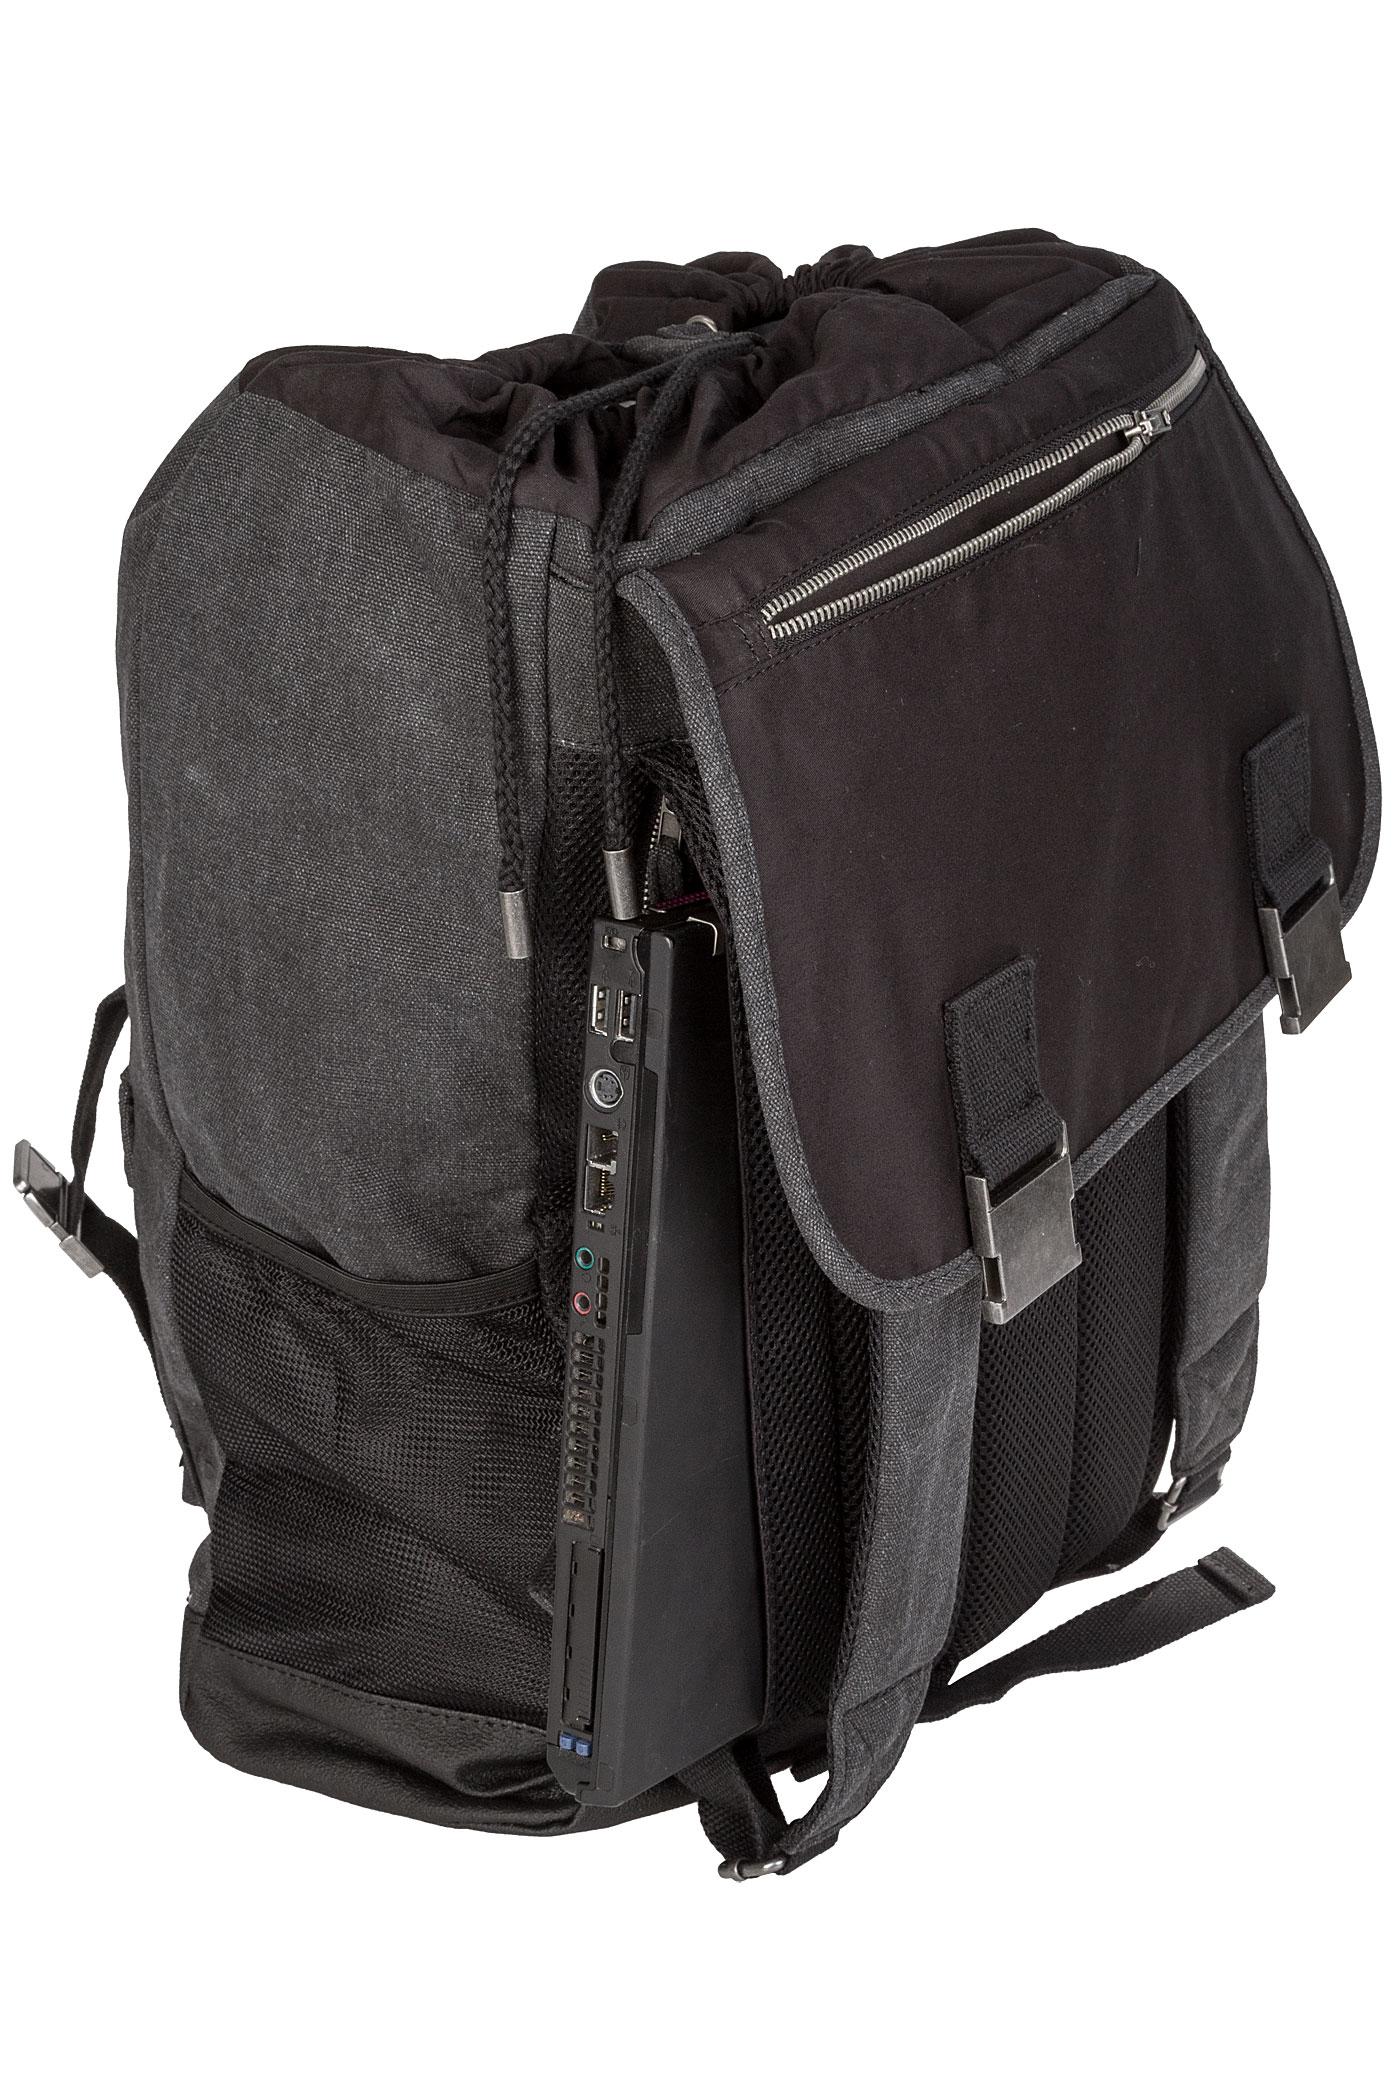 forvert cliff backpack 27 5l black buy at skatedeluxe. Black Bedroom Furniture Sets. Home Design Ideas